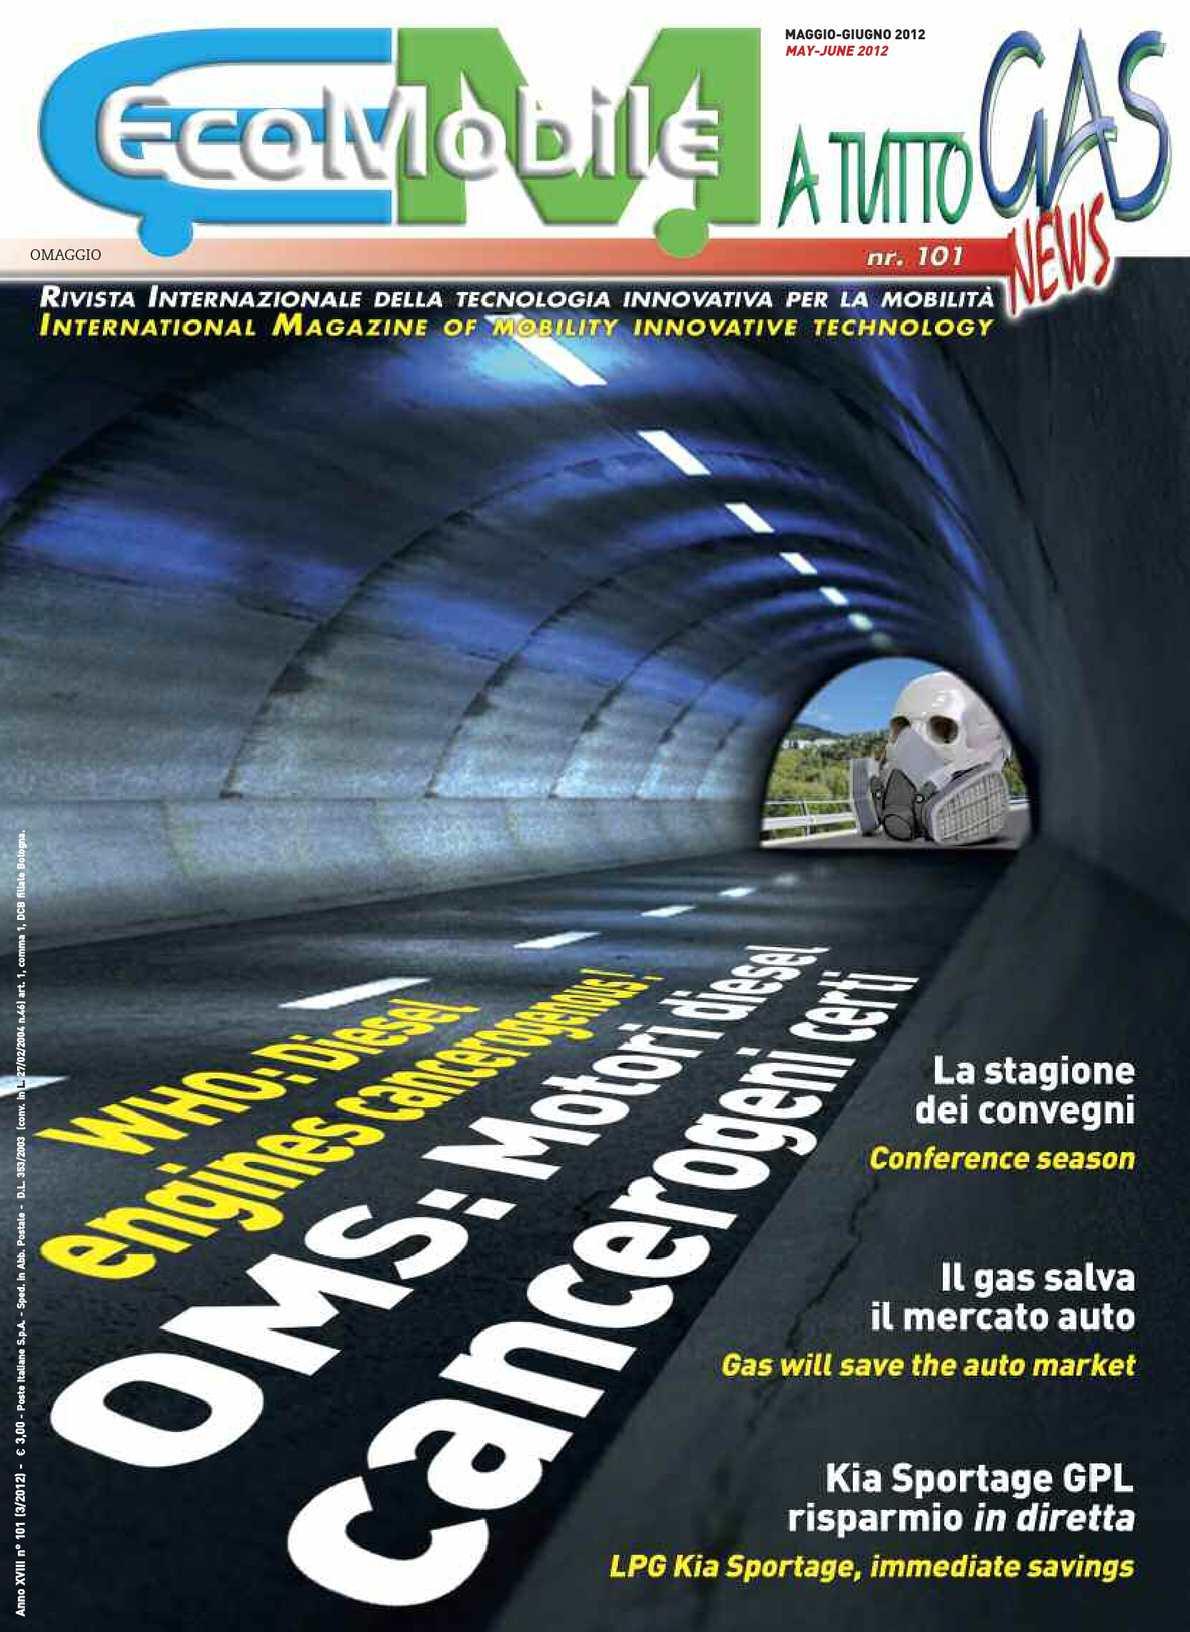 Track Day Cintura di sicurezza CUTTER-Corsa concorrenza RSA BASIC CABLAGGIO Rally Racing